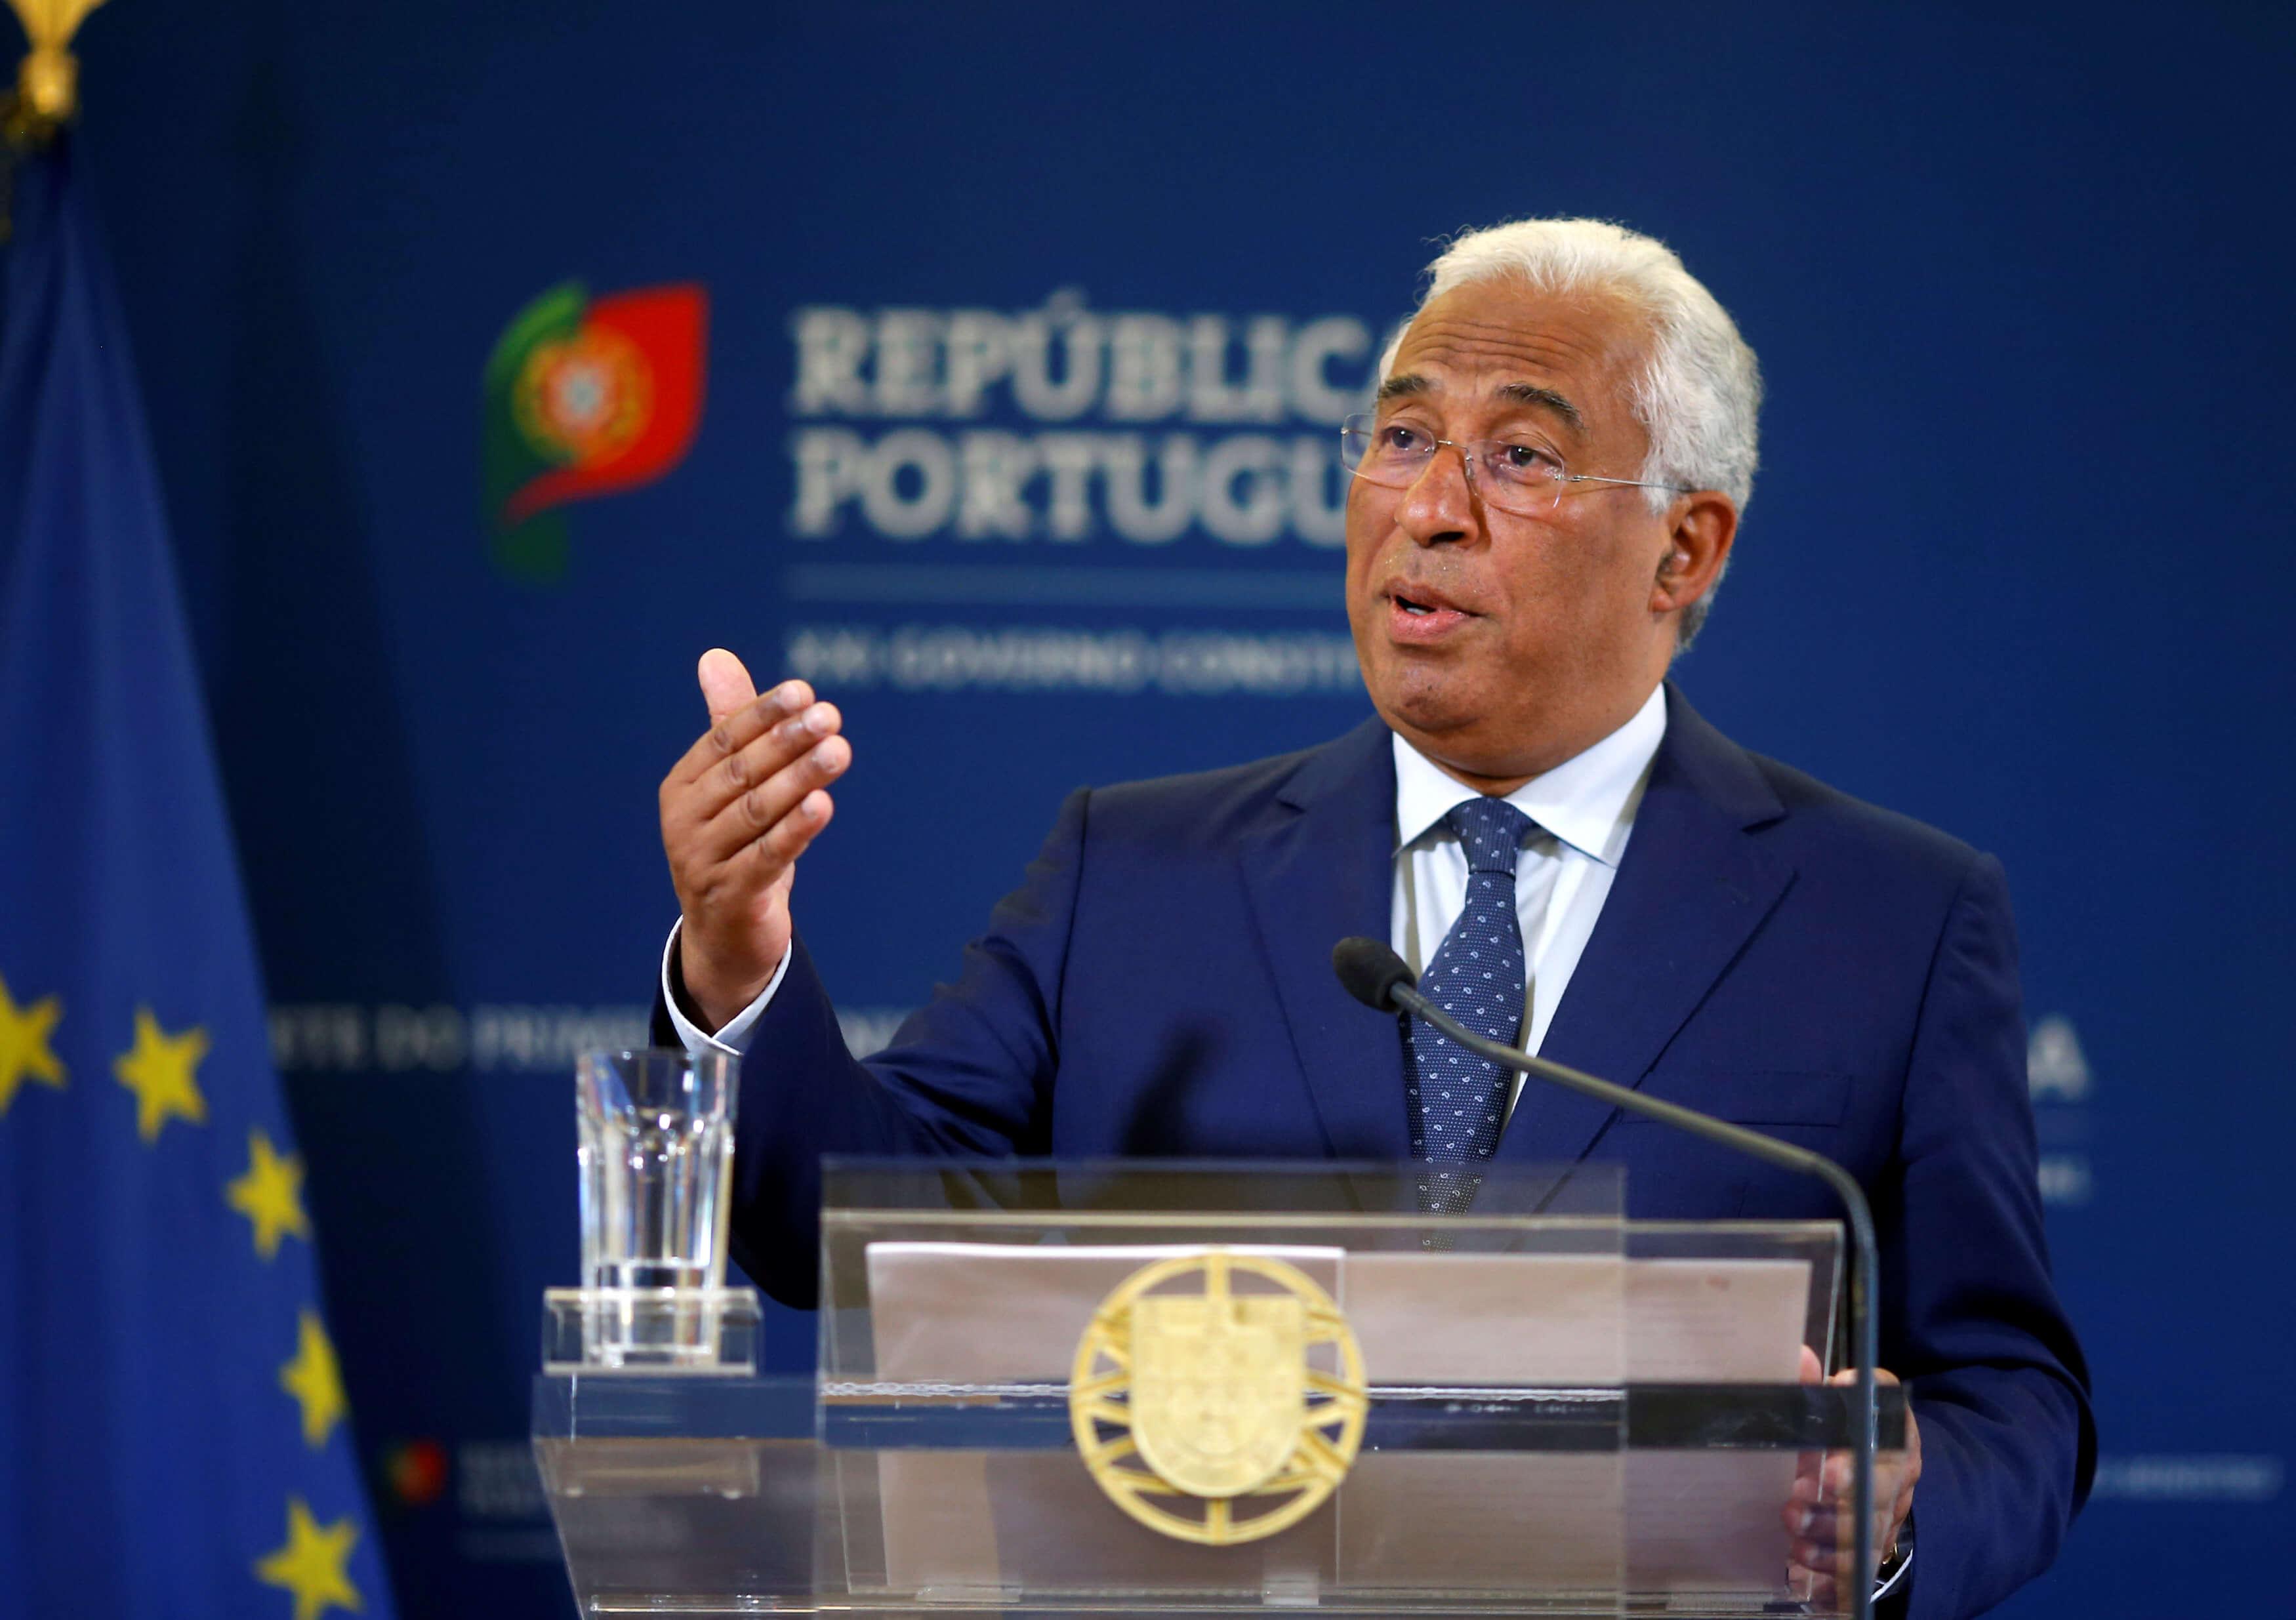 Πορτογαλία: Σε απομόνωση ο πρωθυπουργός Αντόνιο Κόστα – Θετικός στον κορονοϊό συνεργάτης τoυ